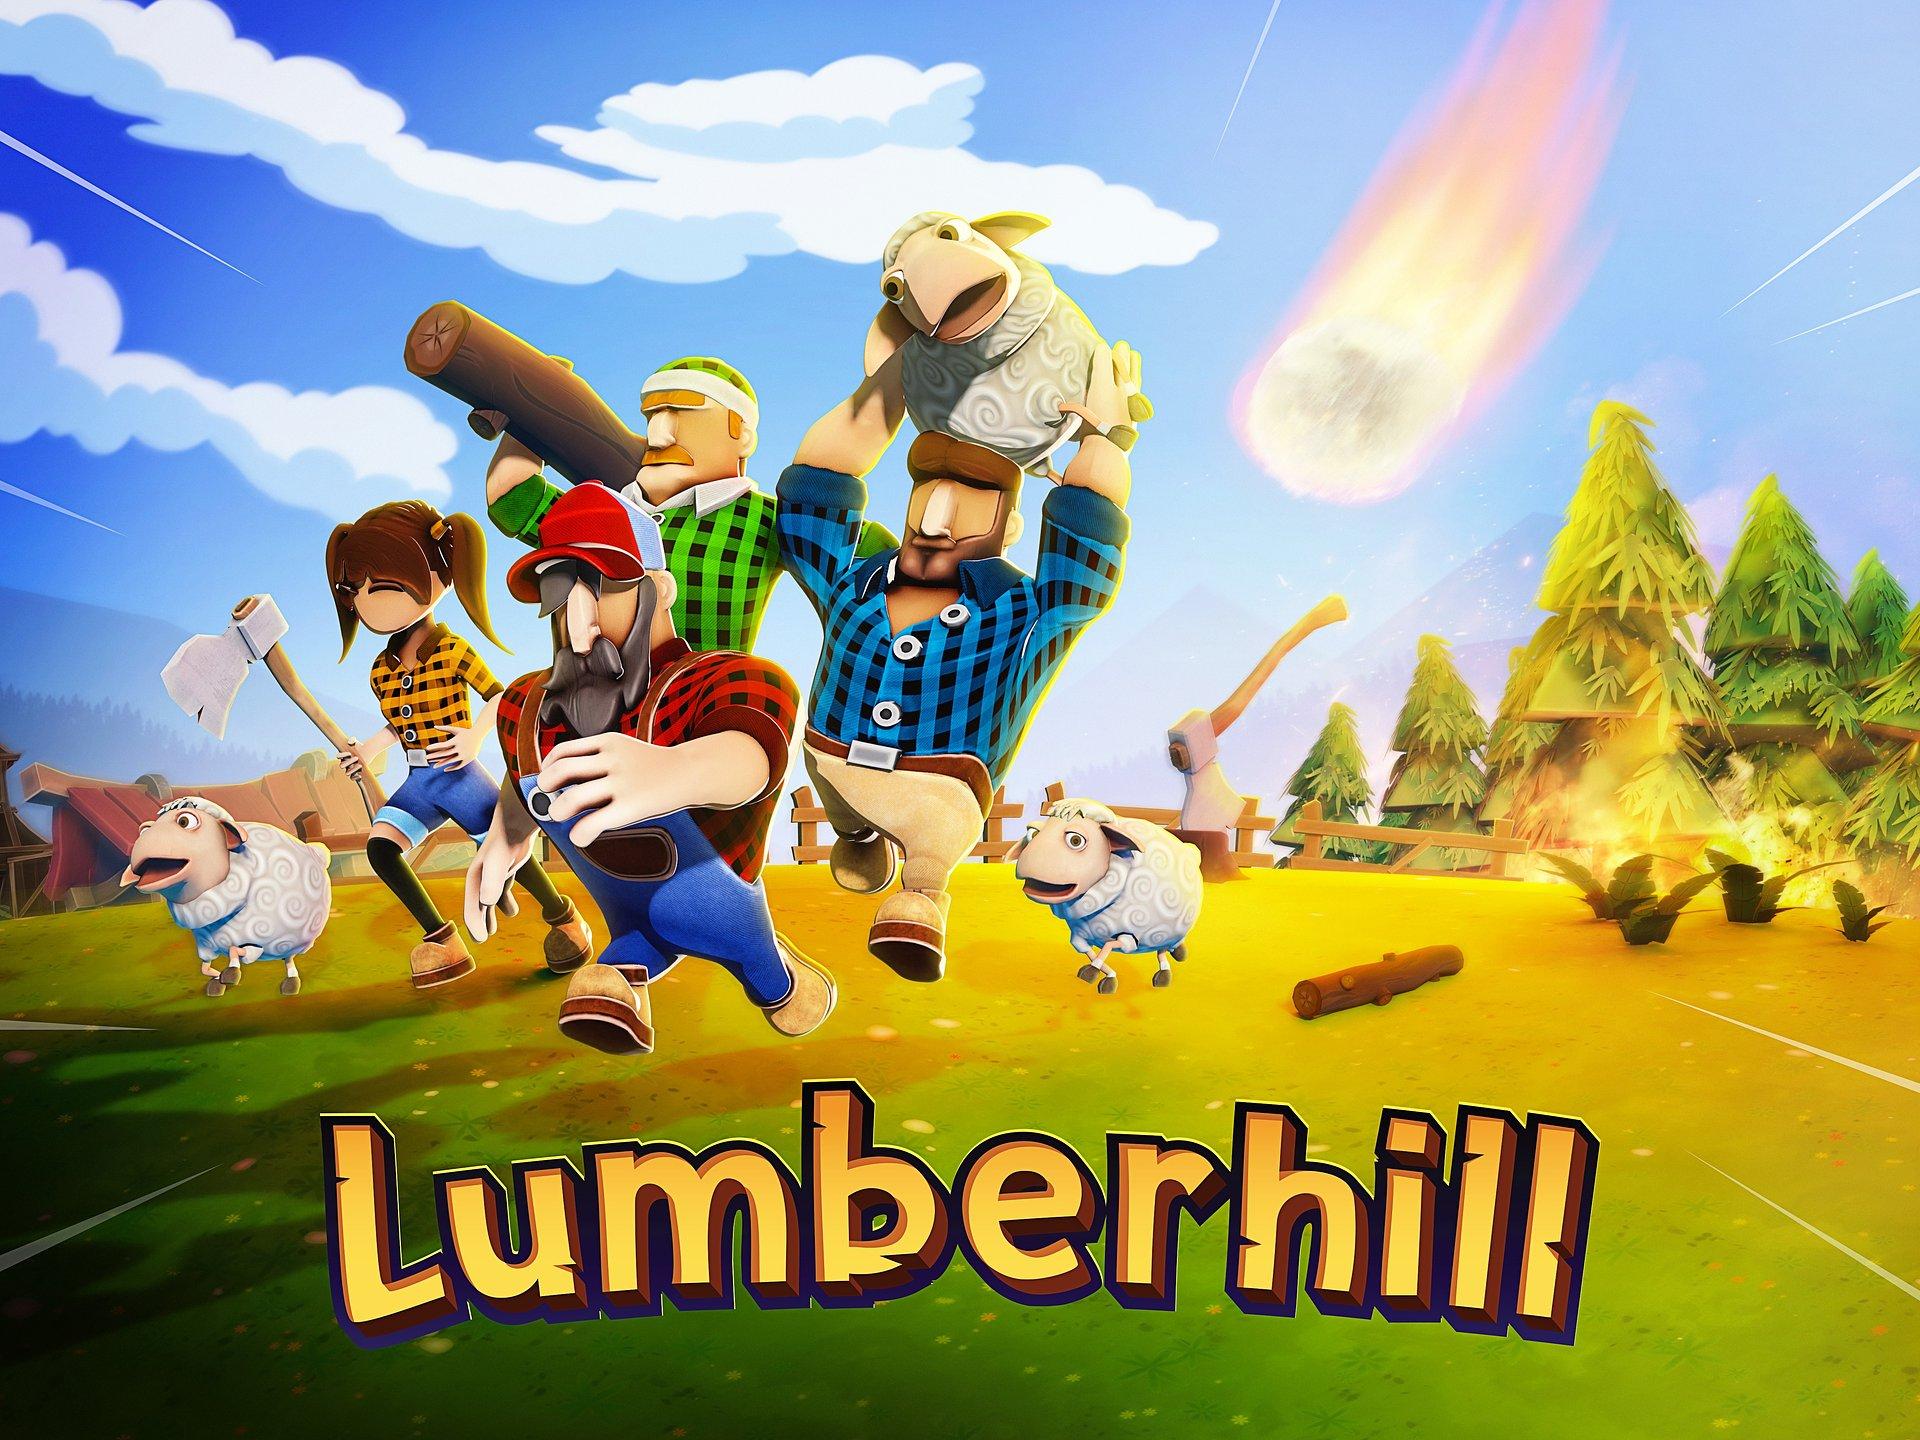 Gdzie drwa rąbią, tam owce lecą - przeżyj chaotyczną walkę drwali z siłami natury w Lumberhill